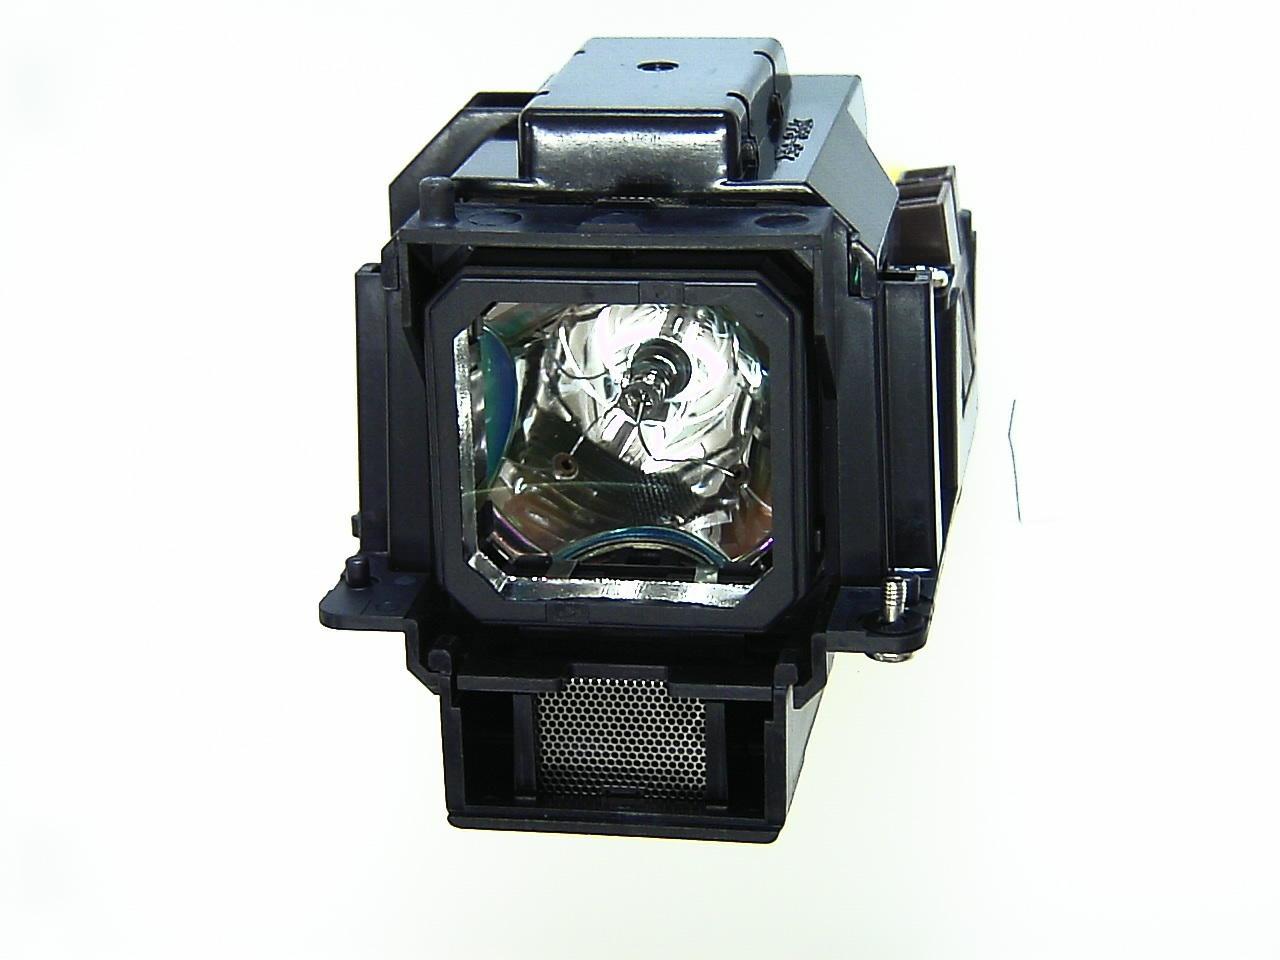 V7 VPL790-1E - Projektorlampe